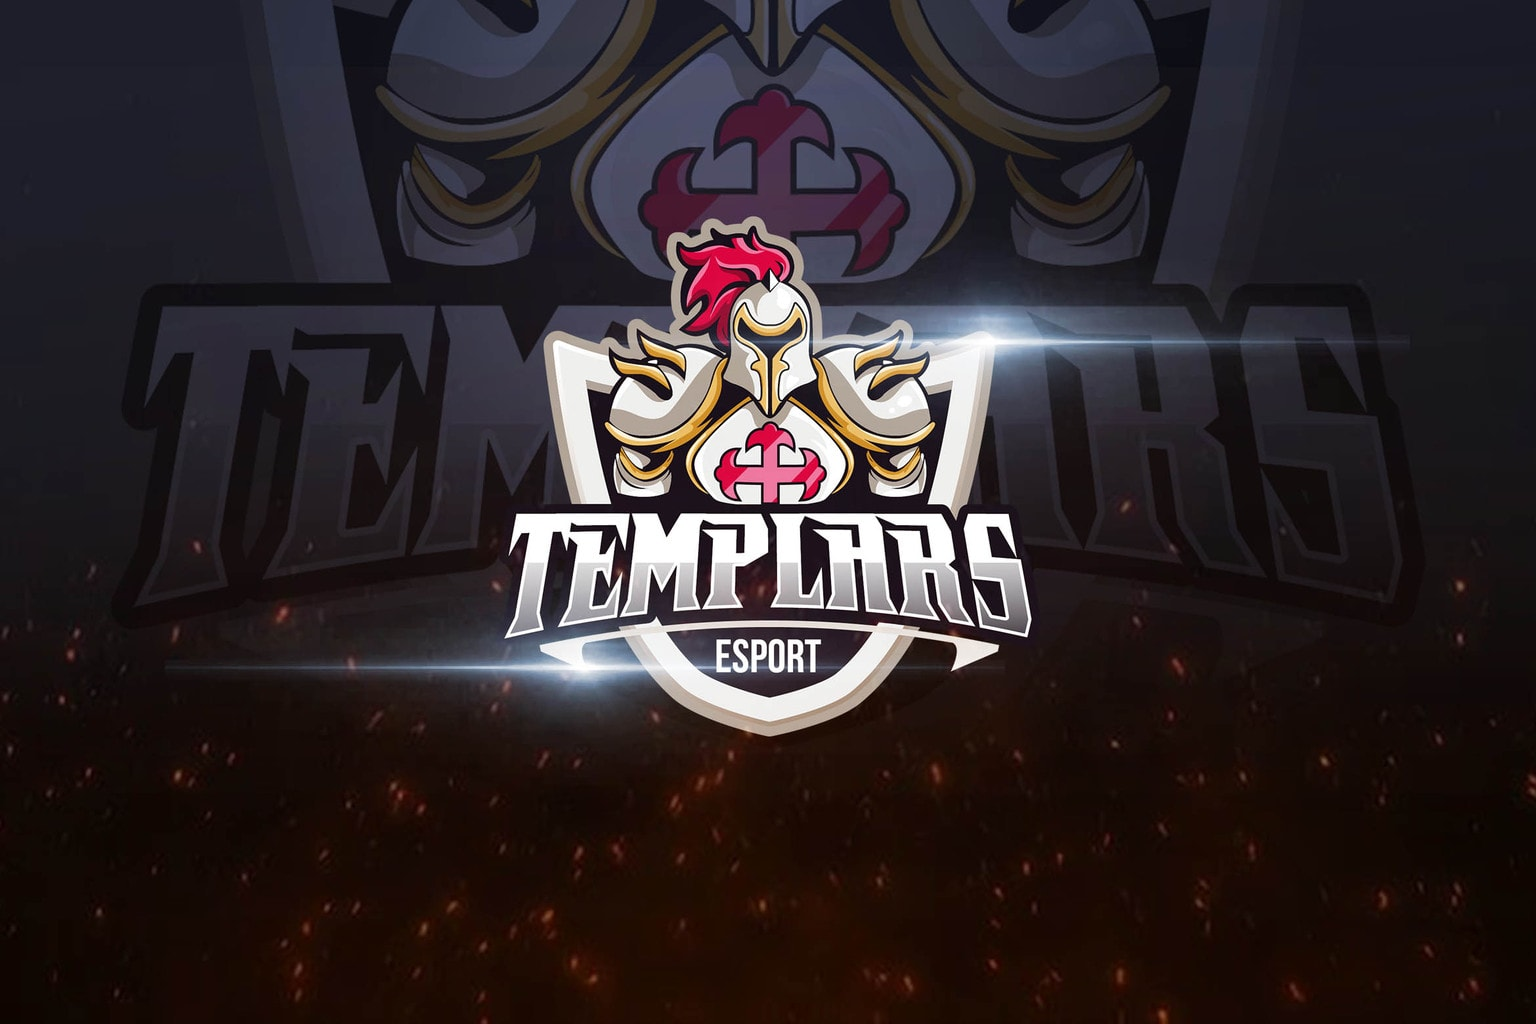 esport logo knight templar